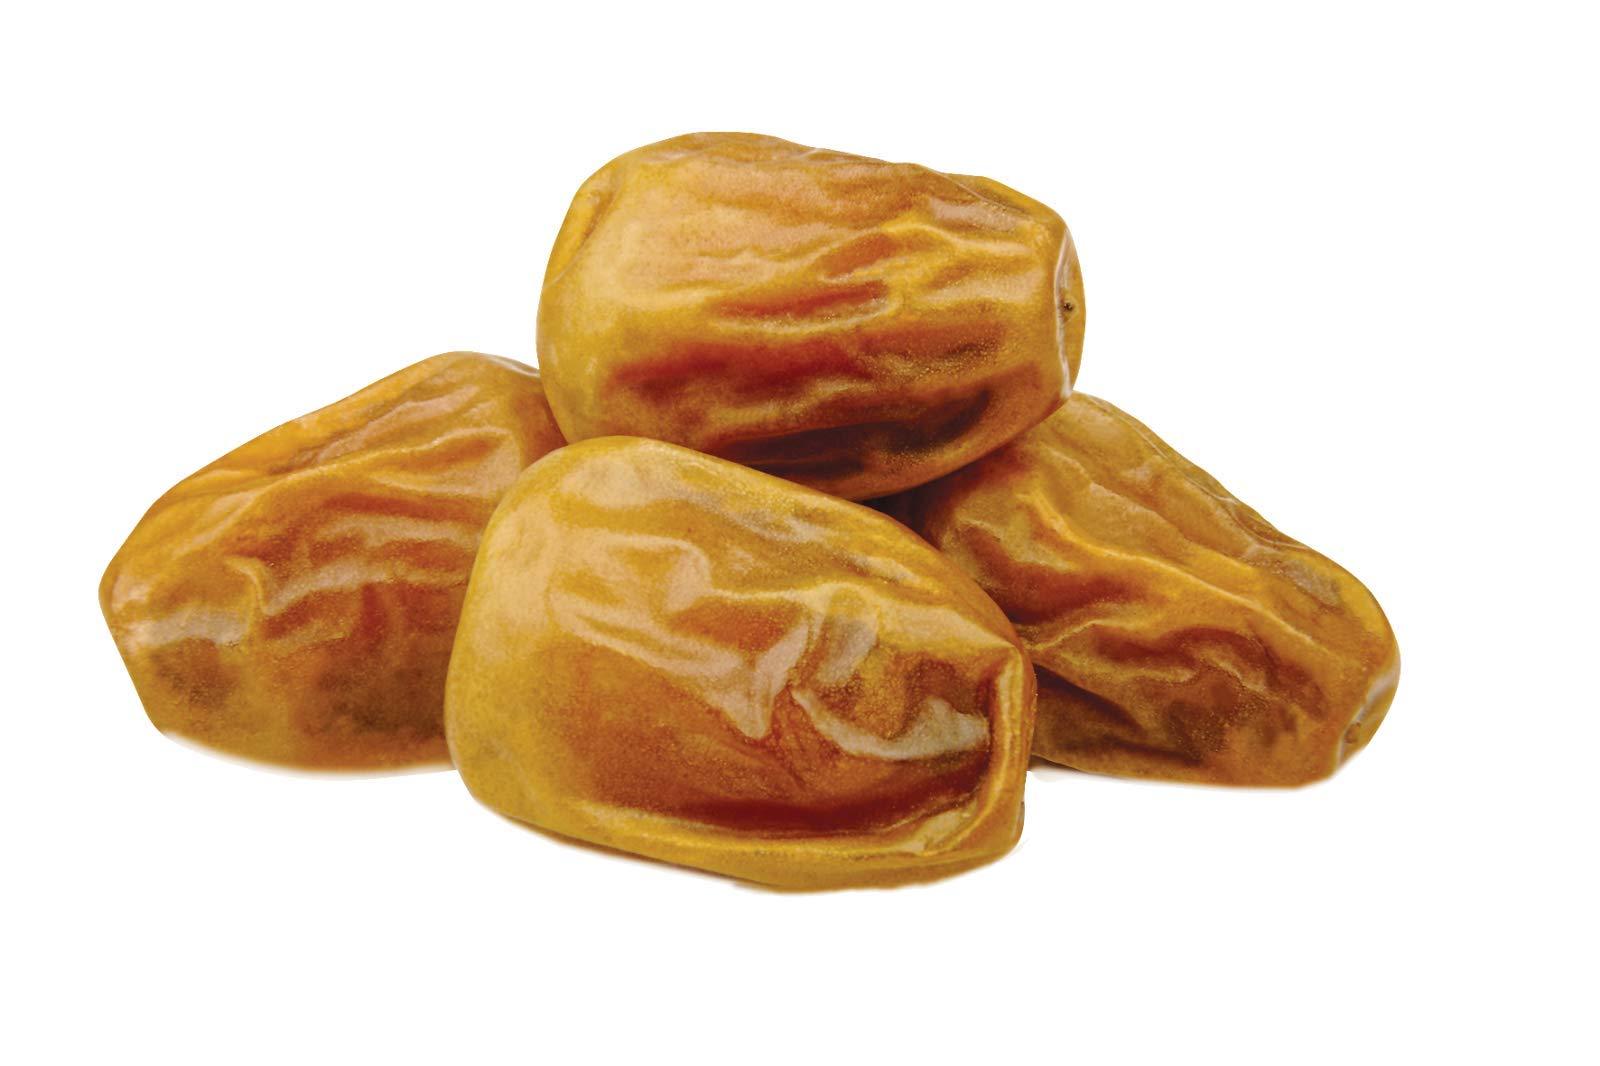 Premium Saudi Sukkari Dates - Pack of 2 Cartons - تمر سكري سعودي فاخر